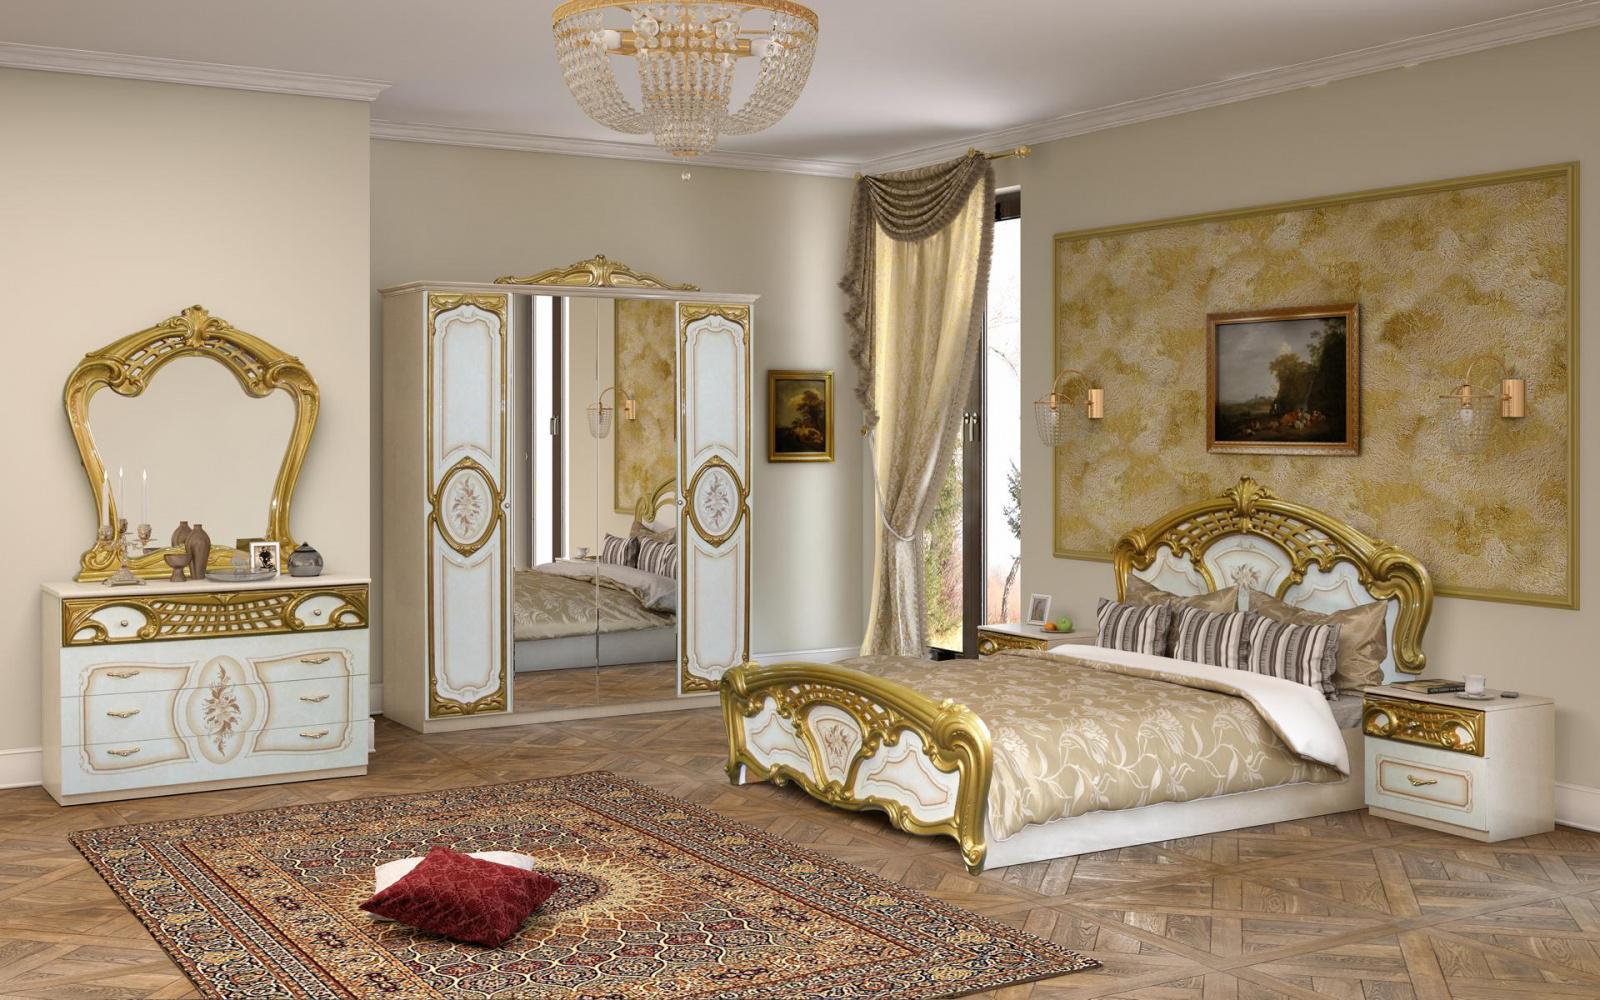 schlafzimmer barock – bigschool, Schlafzimmer ideen